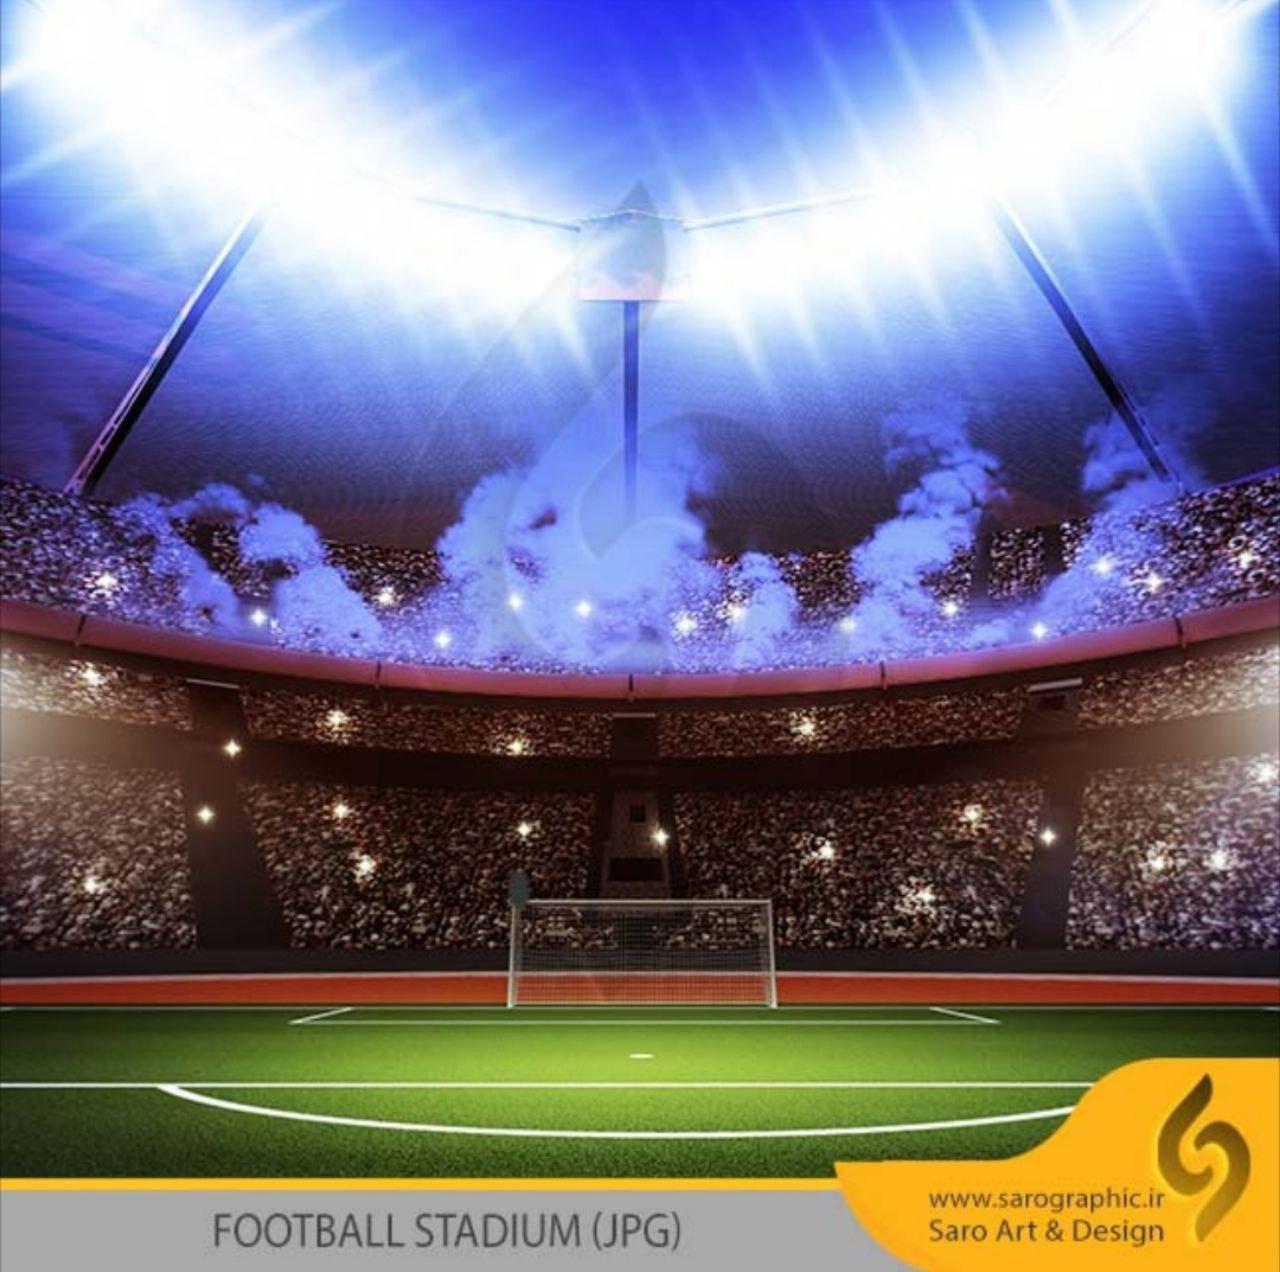 دانلود رایگان مجموعه تصاویر استادیوم فوتبال